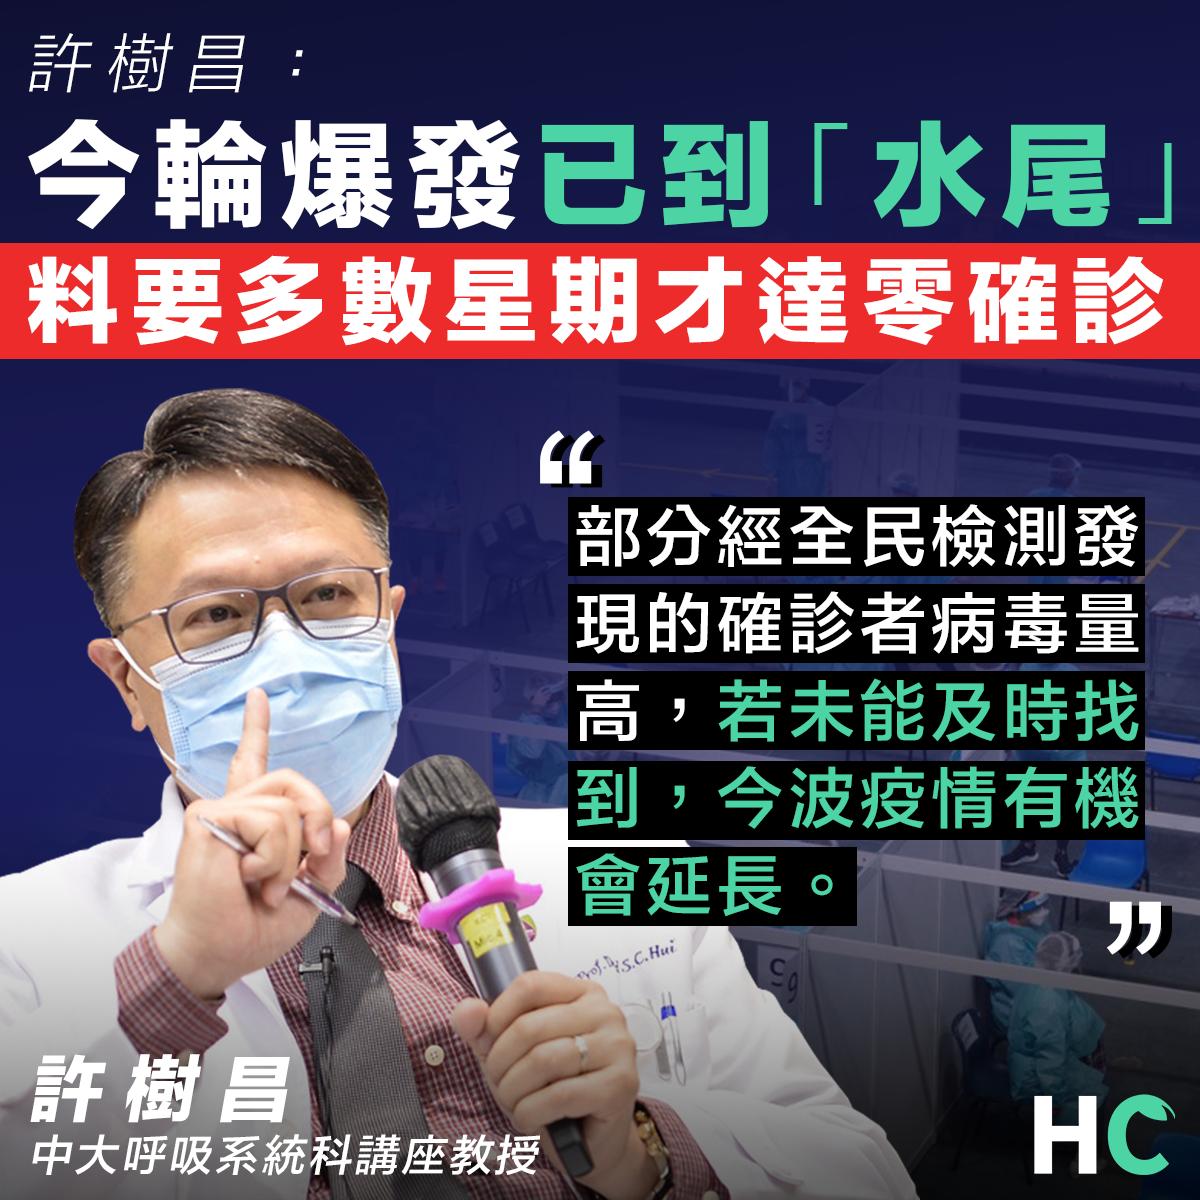 【新型肺炎】許樹昌:今輪爆發已到「水尾」料要多數星期才達零確診